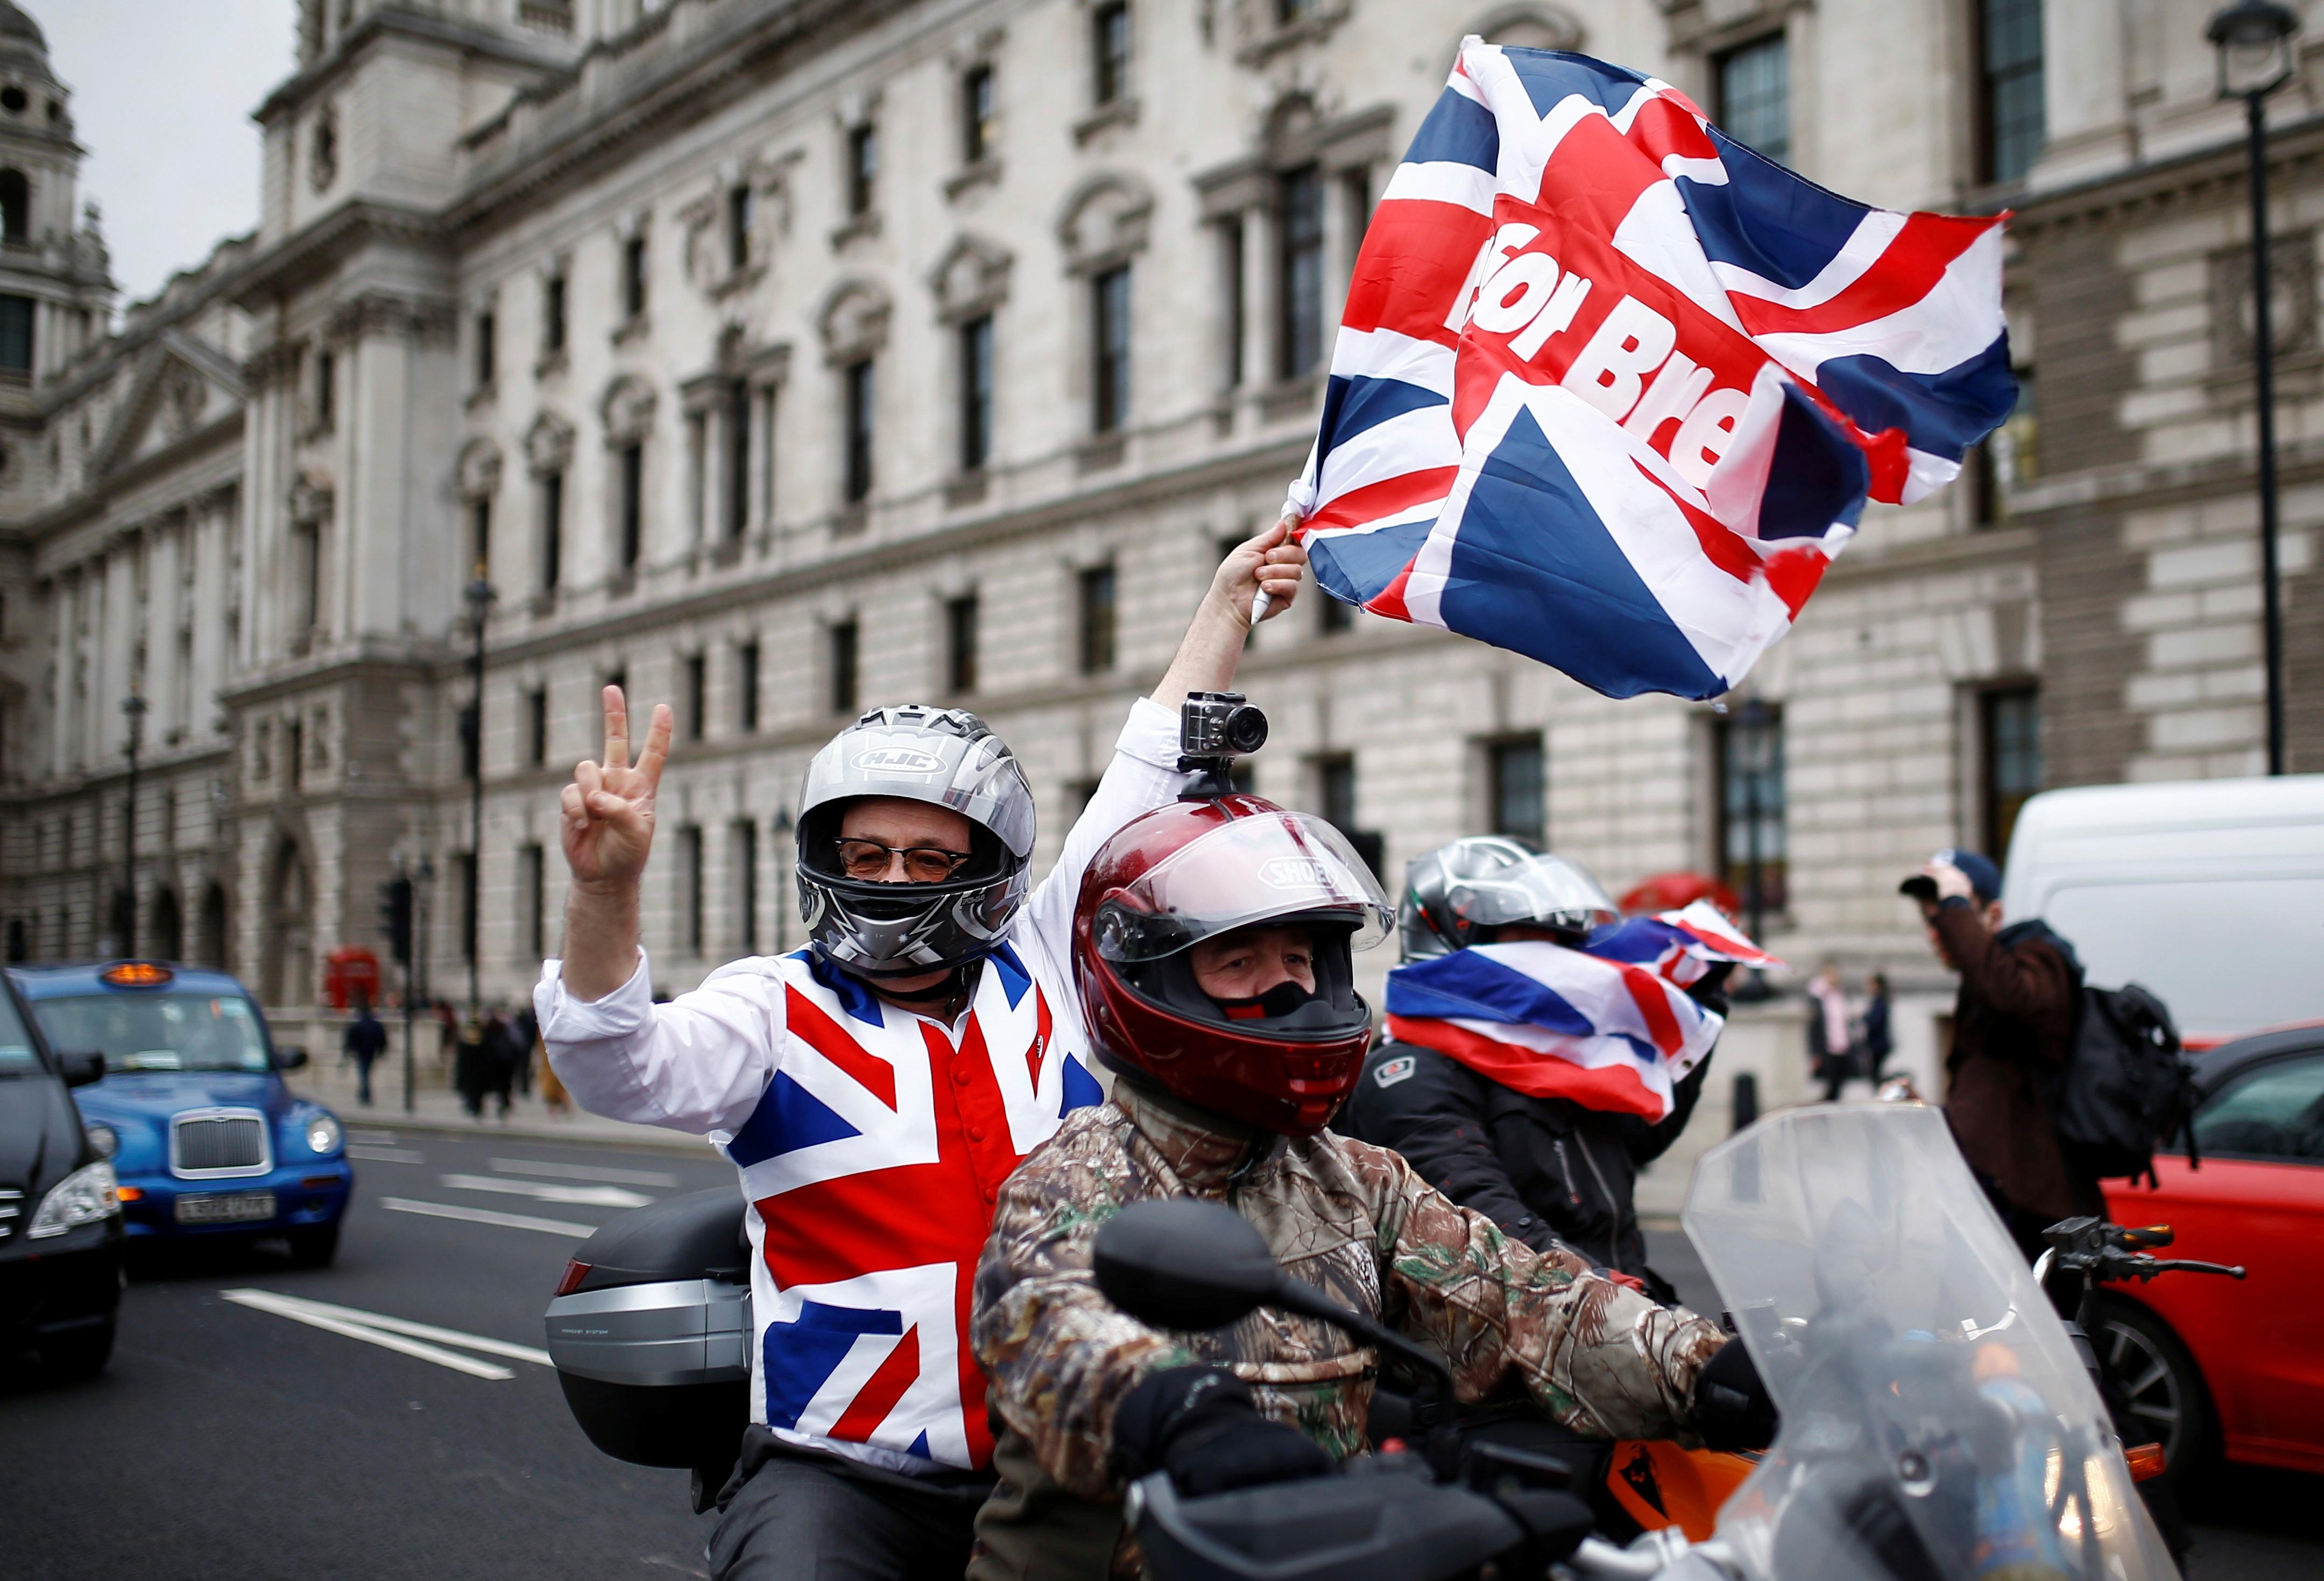 Ρατσιστικό παραλήρημα οπαδών του Brexit για όσους δεν μιλάνε μόνο αγγλικά